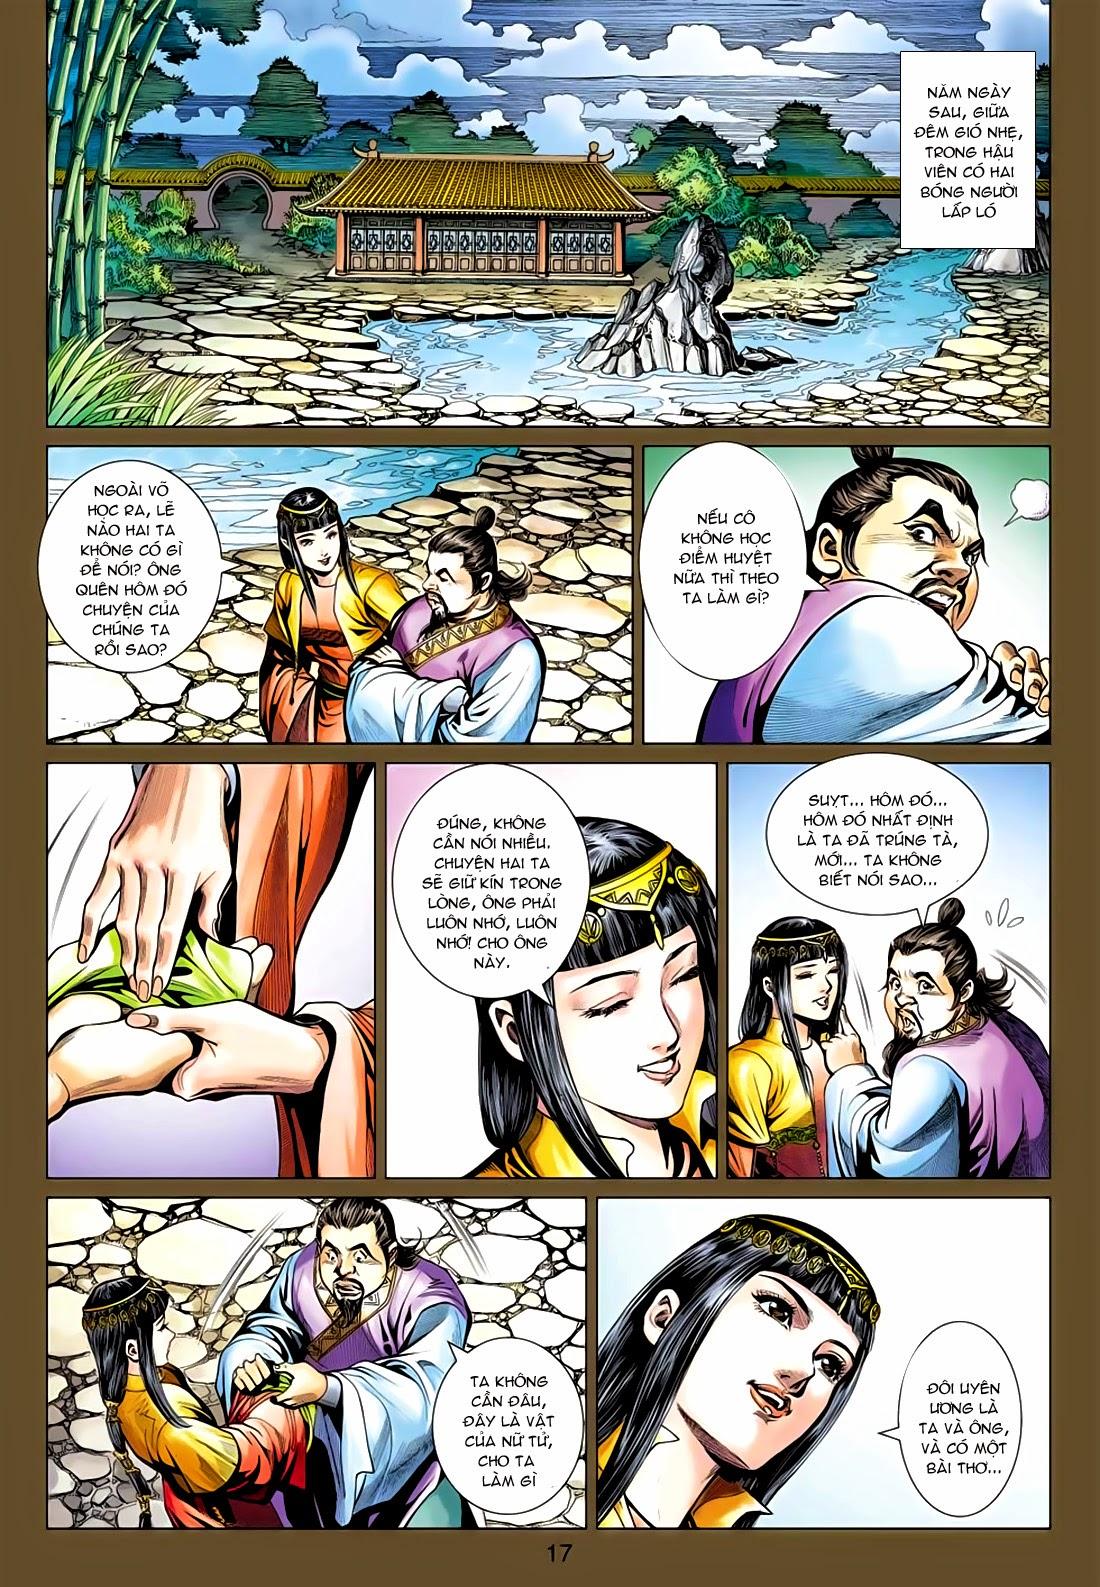 xem truyen moi - Anh Hùng Xạ Điêu - Chapter 77: Thế Thượng Tối Cường Võ Công